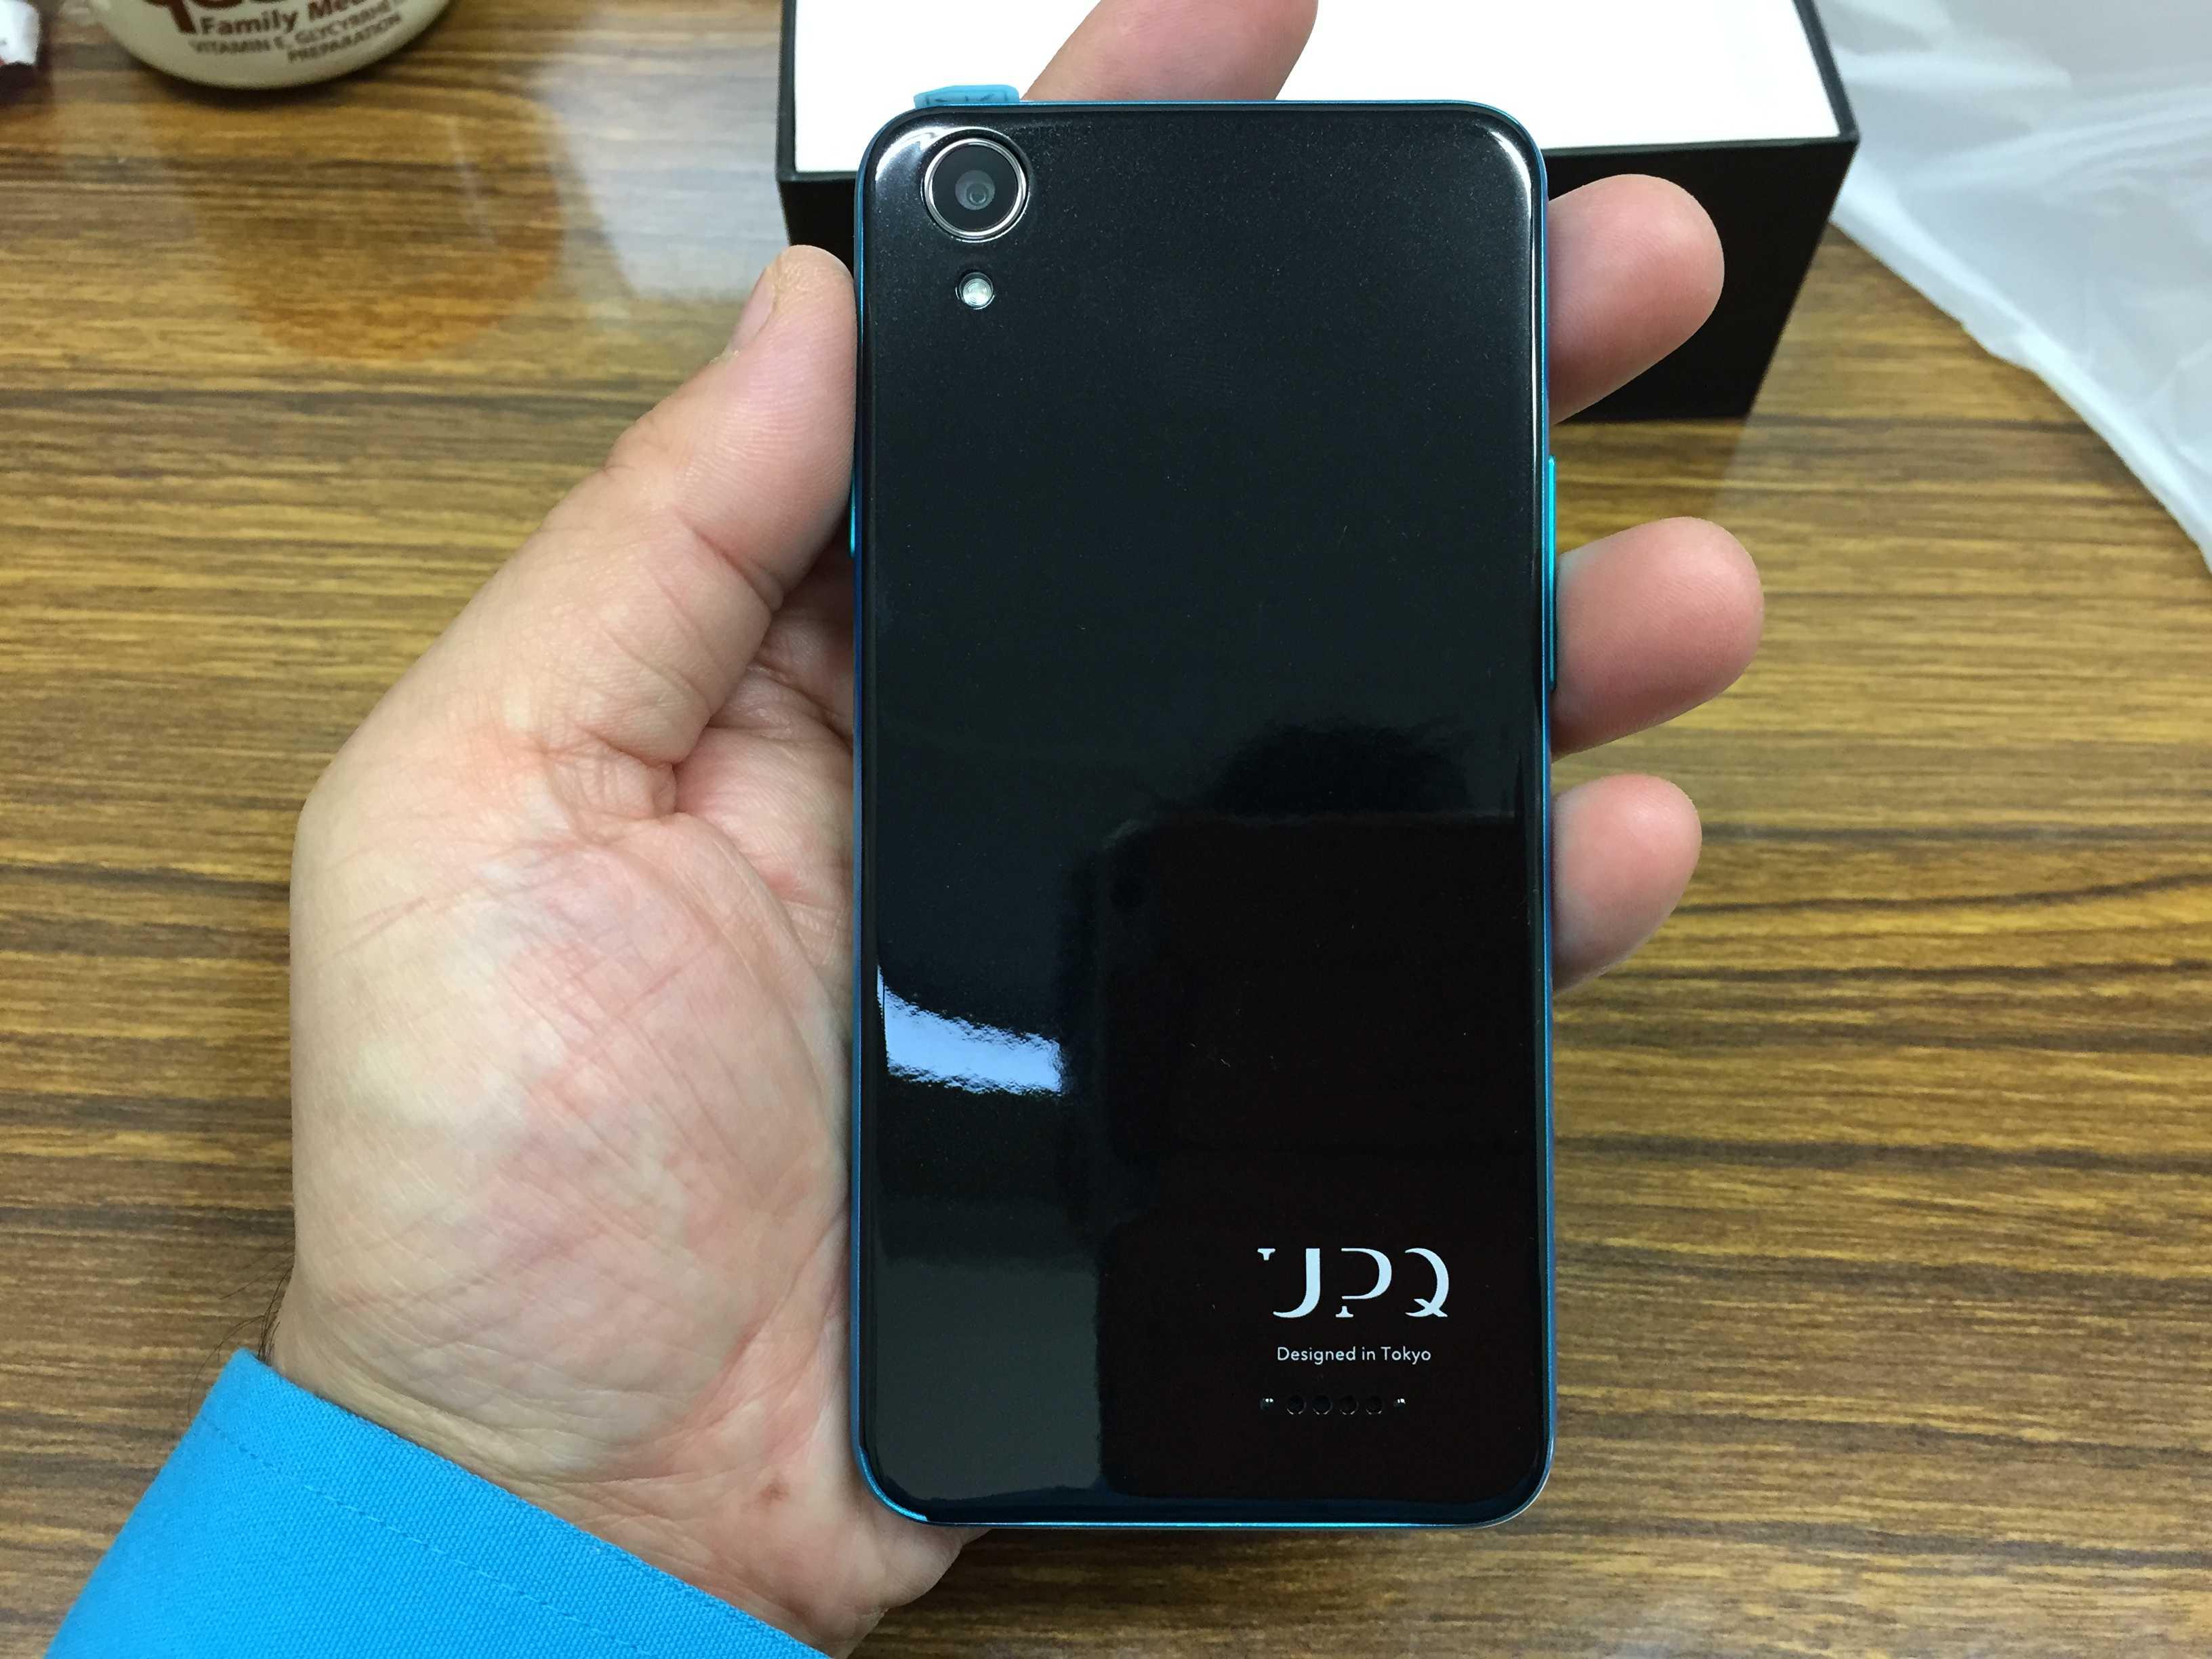 SIMフリースマホ: UPQ(アップ・キュー)Phone A01 - 裏面